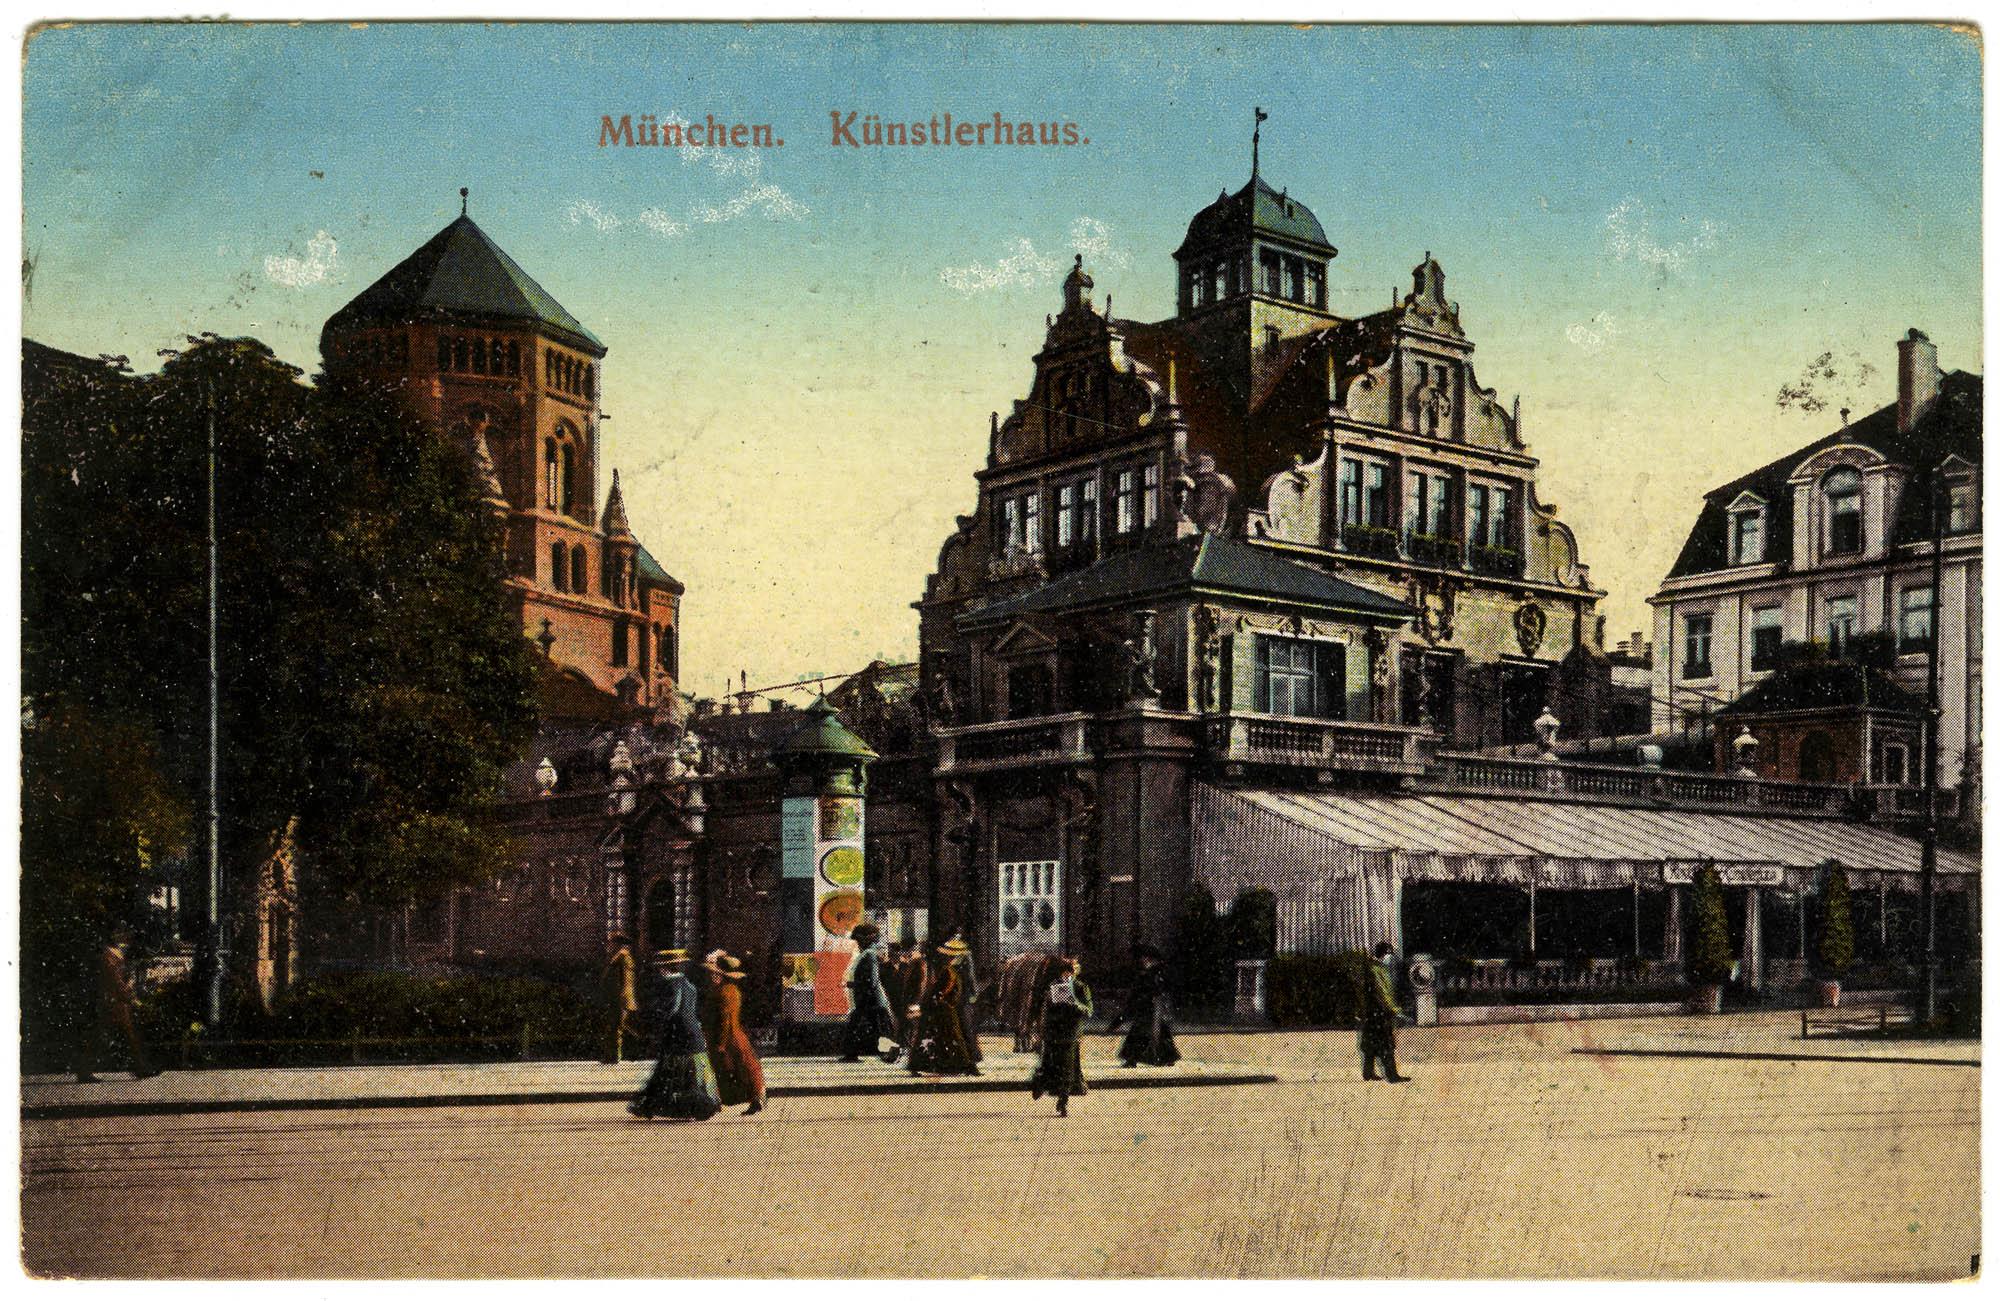 München. Künstlerhaus.